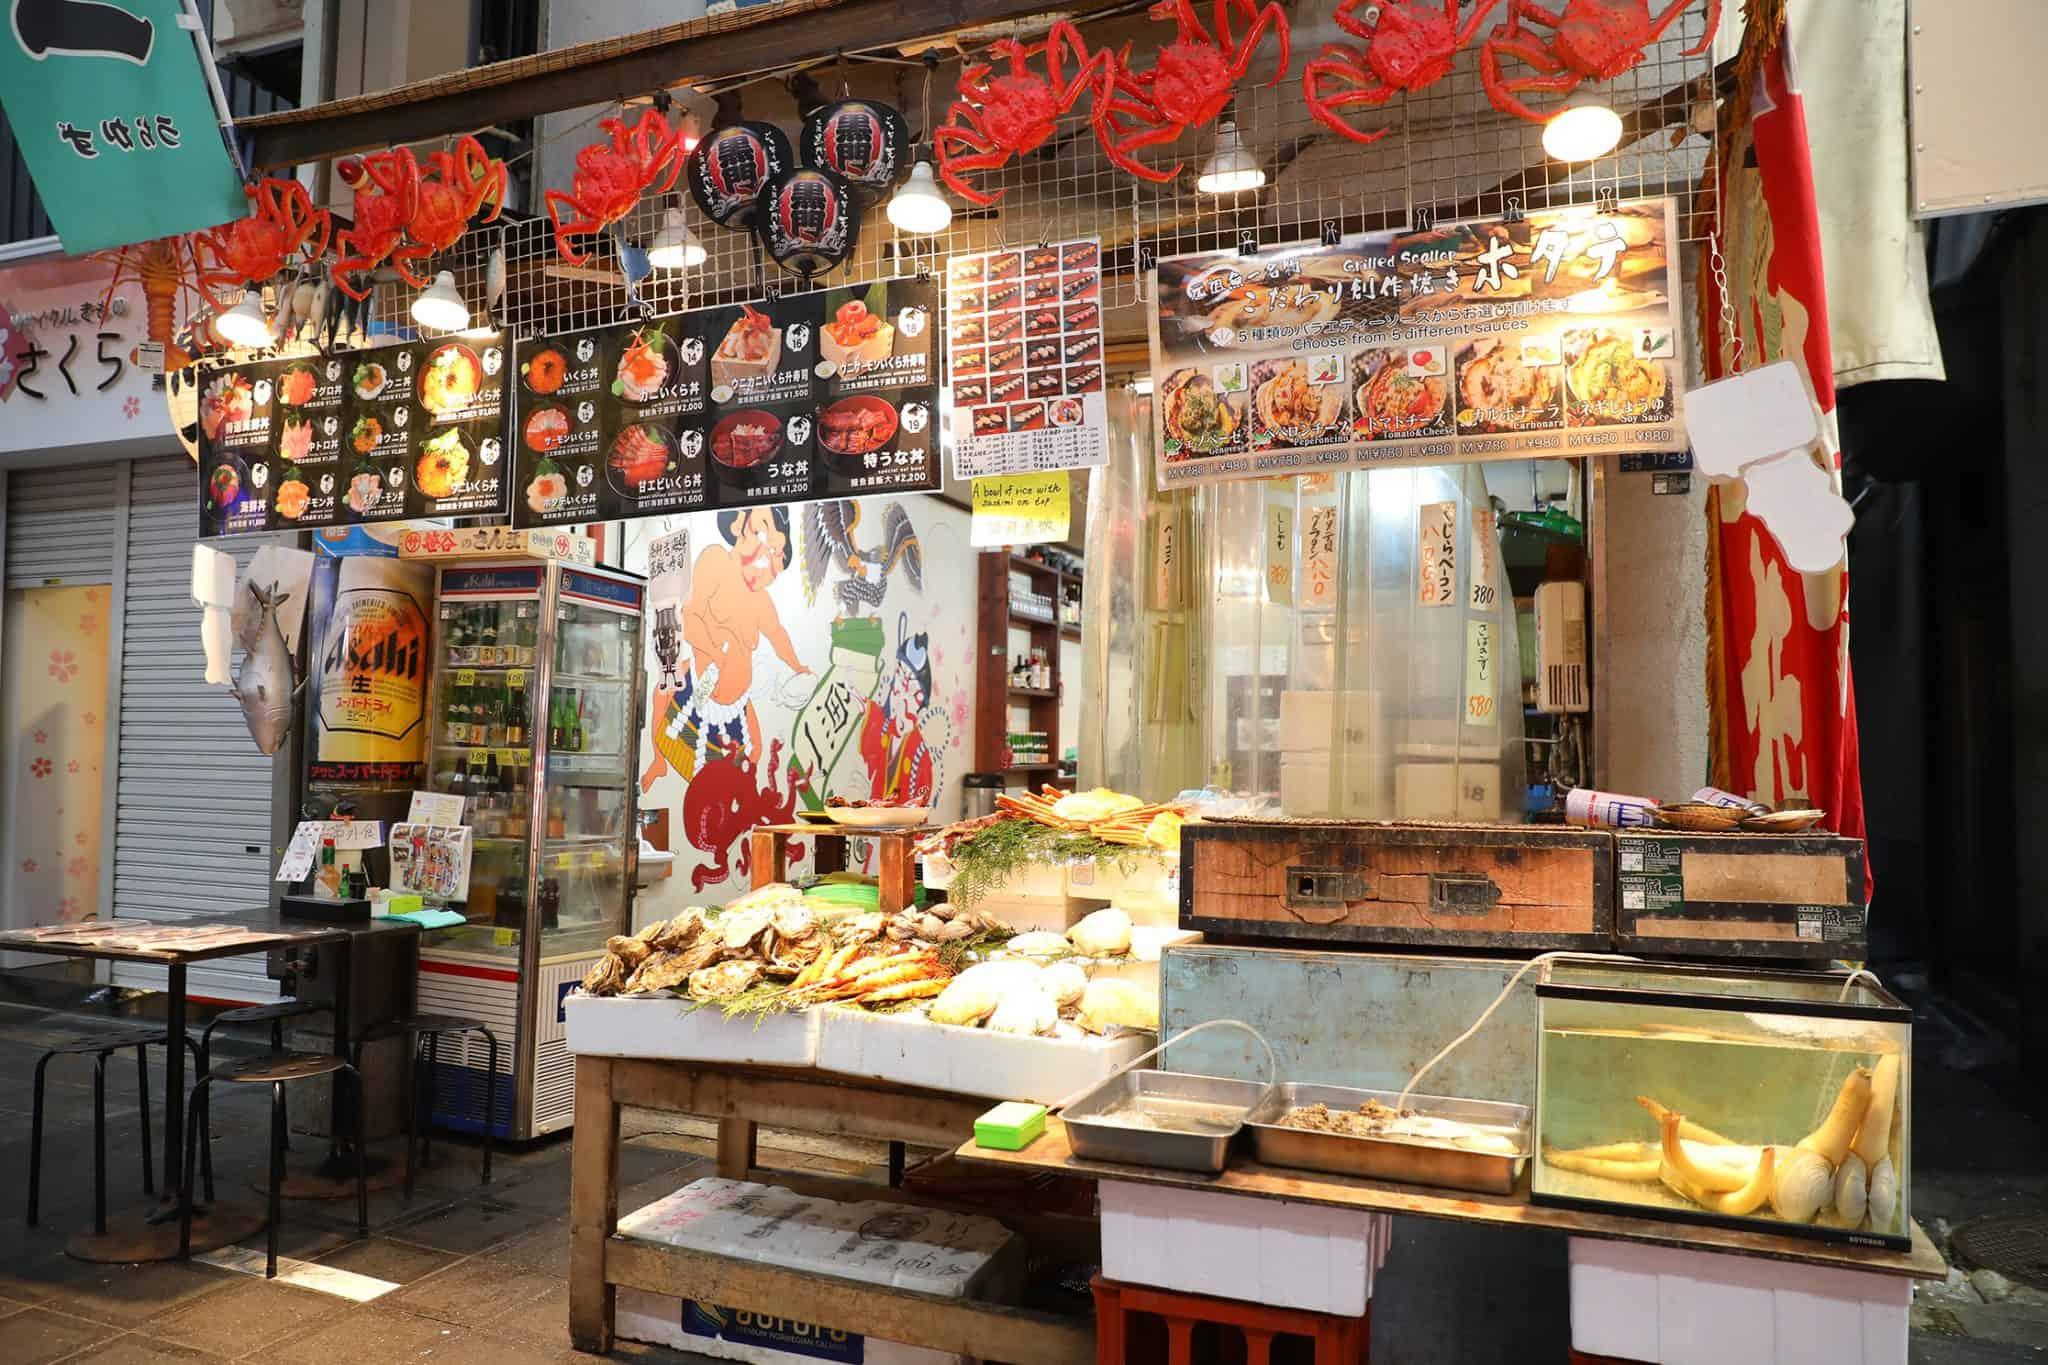 ร้านข้าวหน้าปลาดิบ Uokazu 魚一 - ตลาดปลาคุโรมง (Kuromon Fish Market)